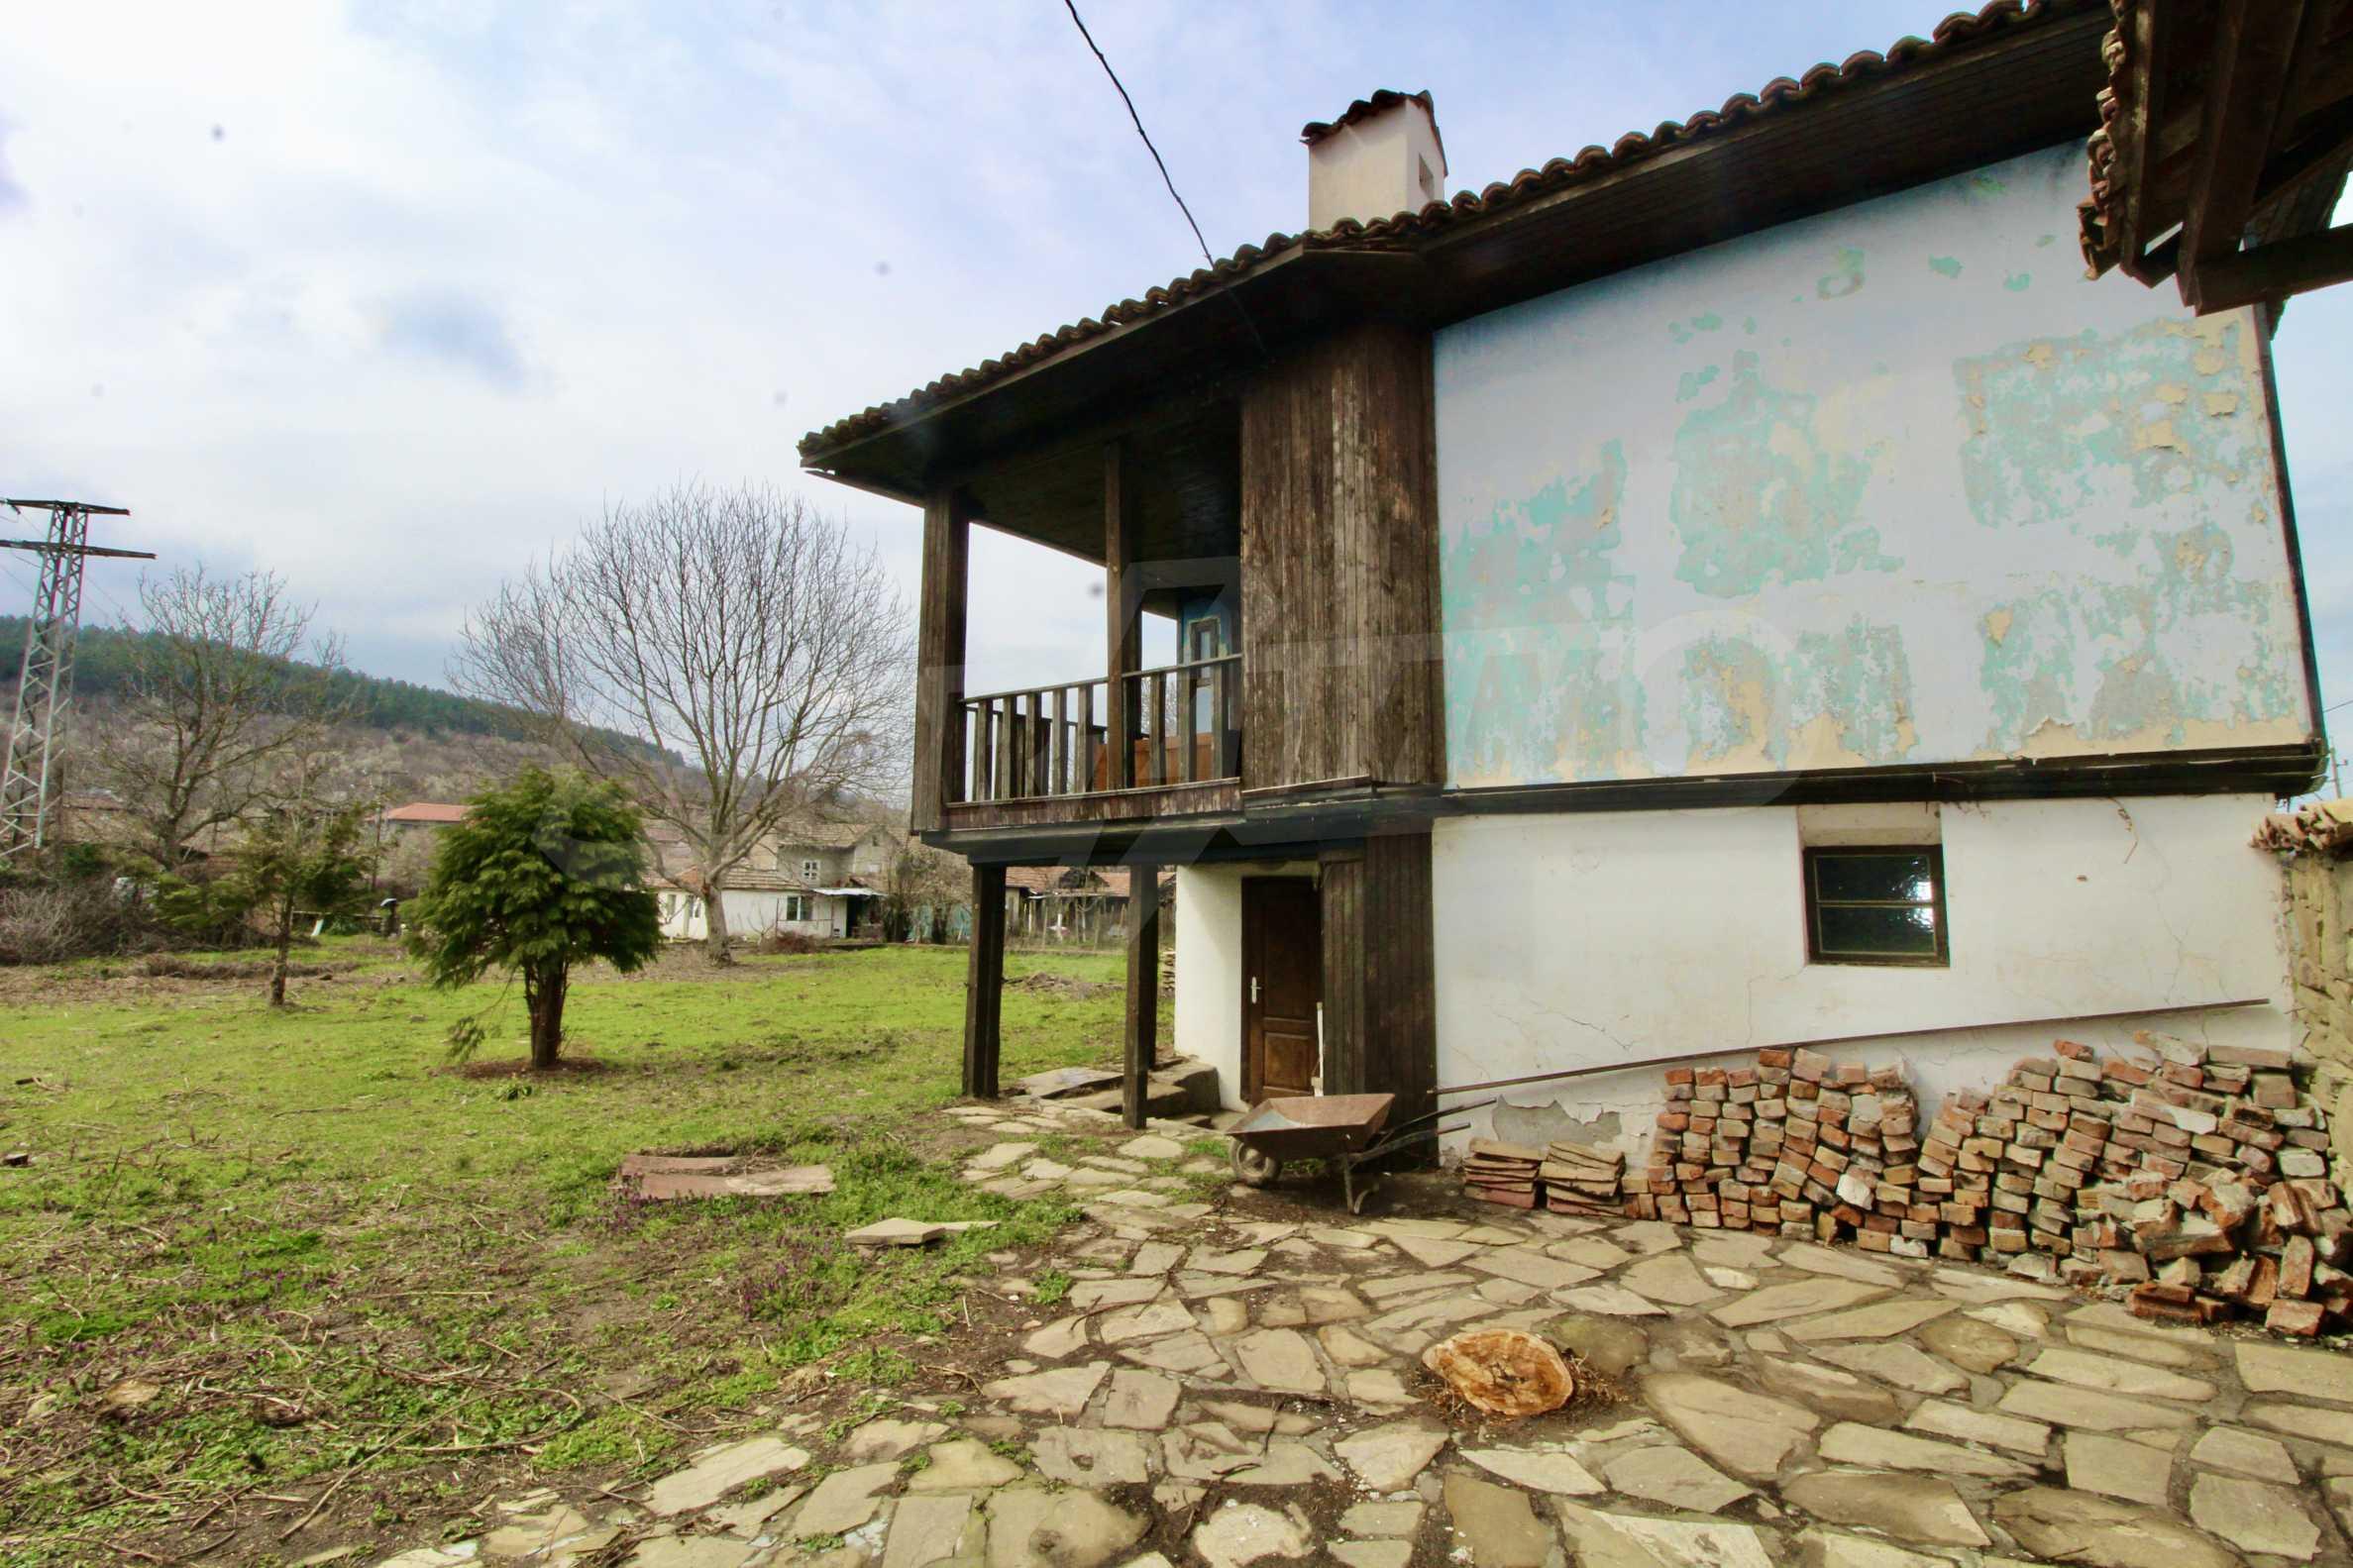 Двуетажна къща с голпм двор в село на 30 км от Велико Търново  38